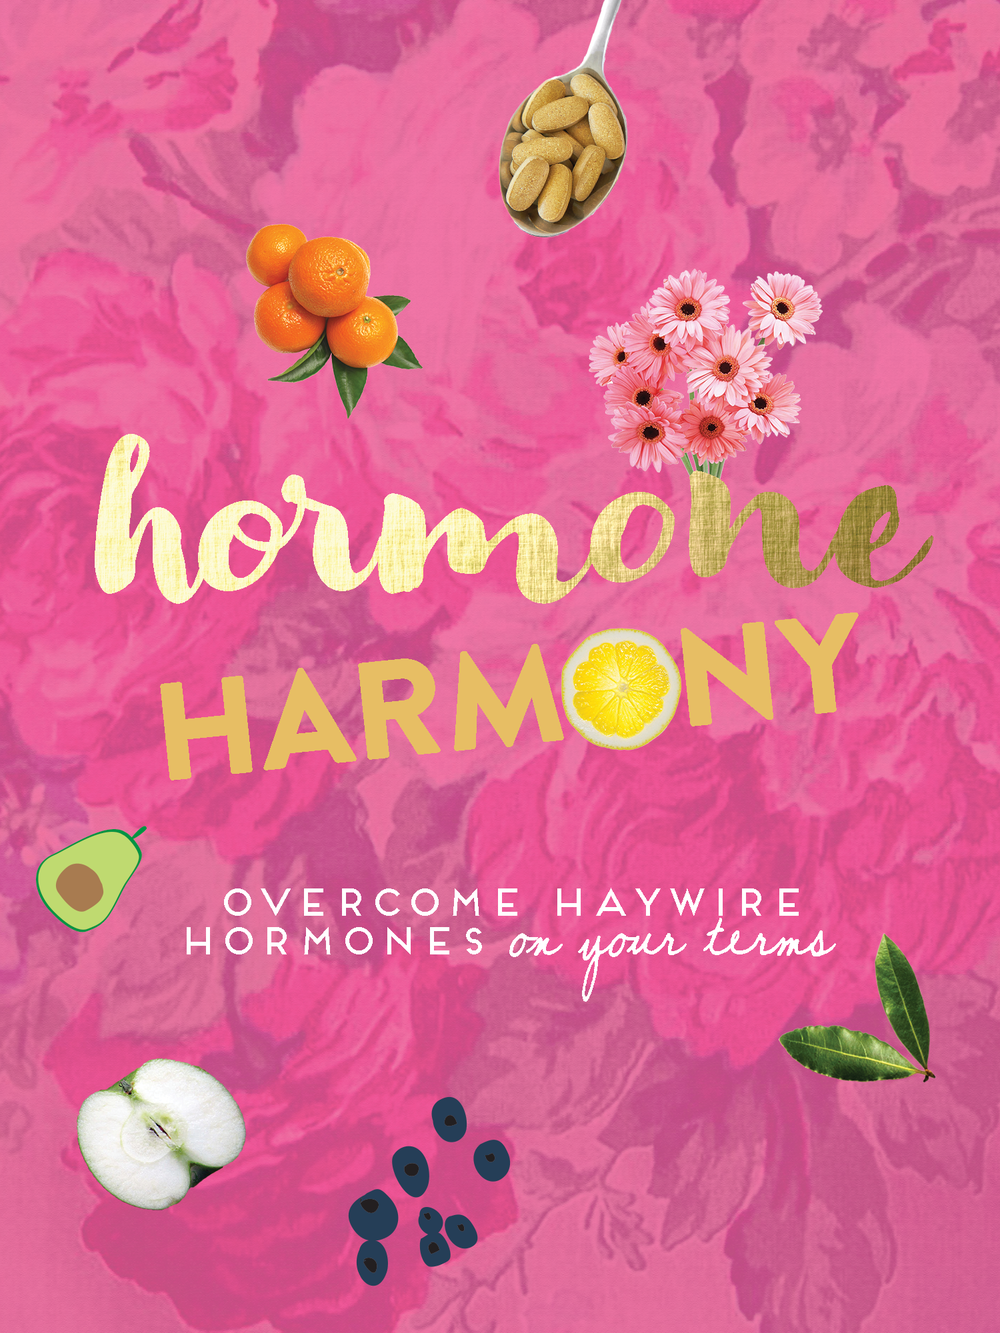 Hormone Harmony